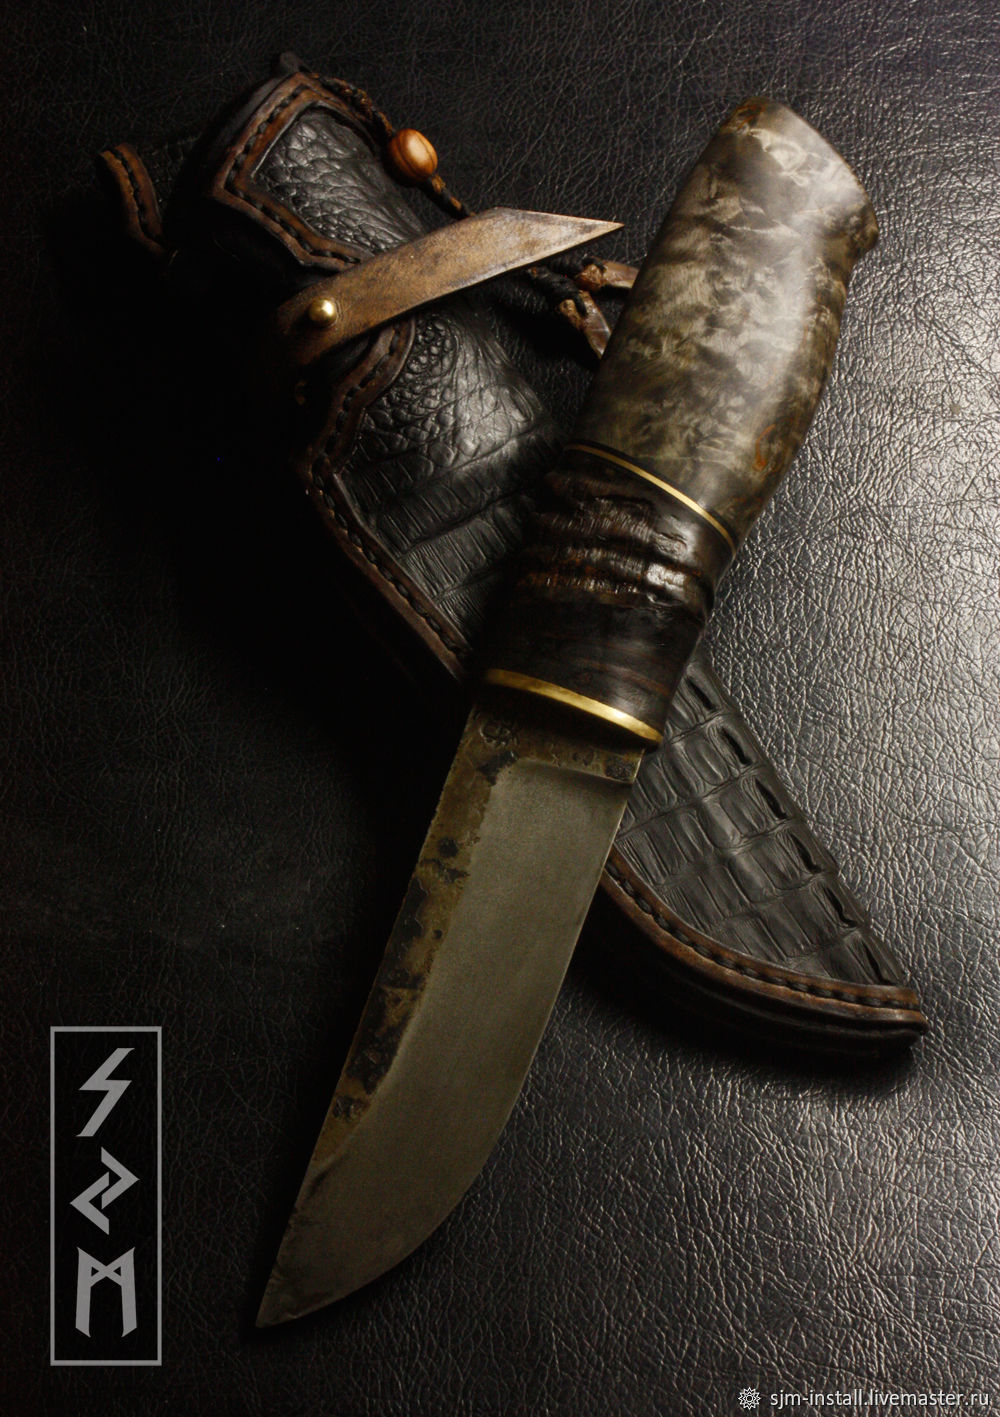 """Подарки для мужчин, ручной работы. Ярмарка Мастеров - ручная работа. Купить Авторский нож ручной работы """"Булат 3"""". Handmade."""